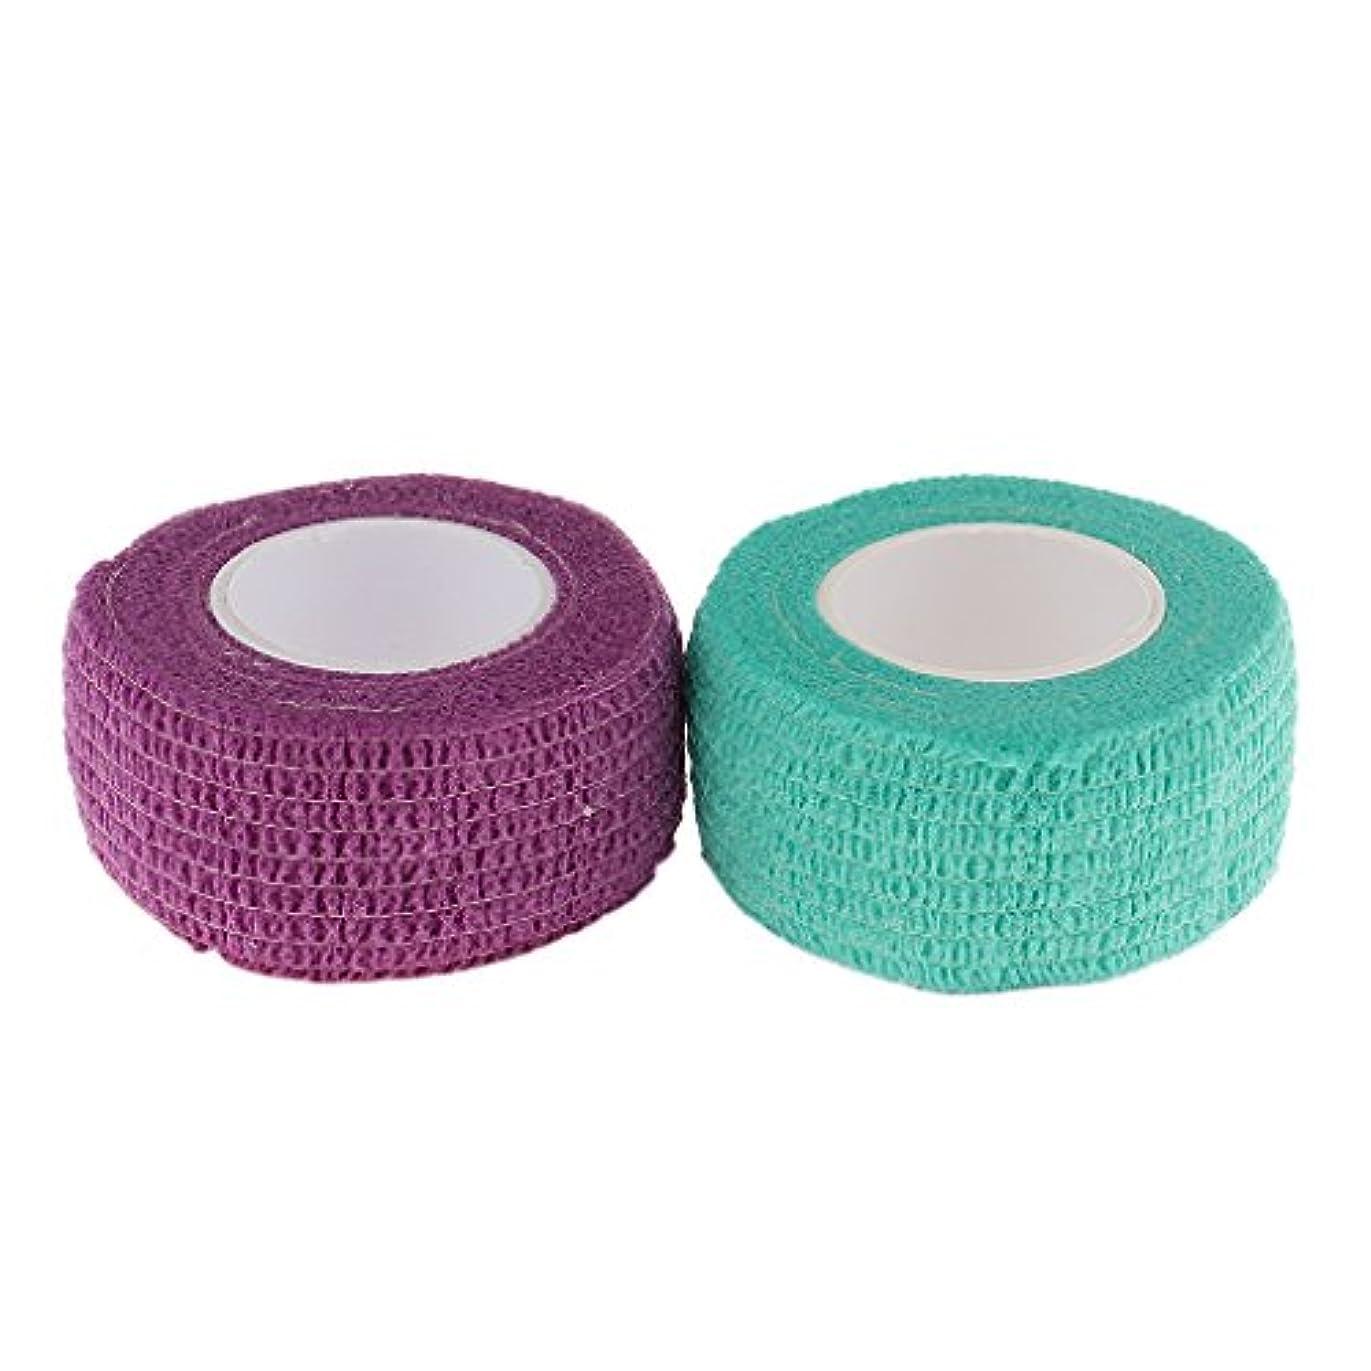 非常に顔料競争T TOOYFUL ネイルケア 接着テープ 保護 包帯 自己粘着 ネイルエクステンション 織布 使いやすい 2個セット